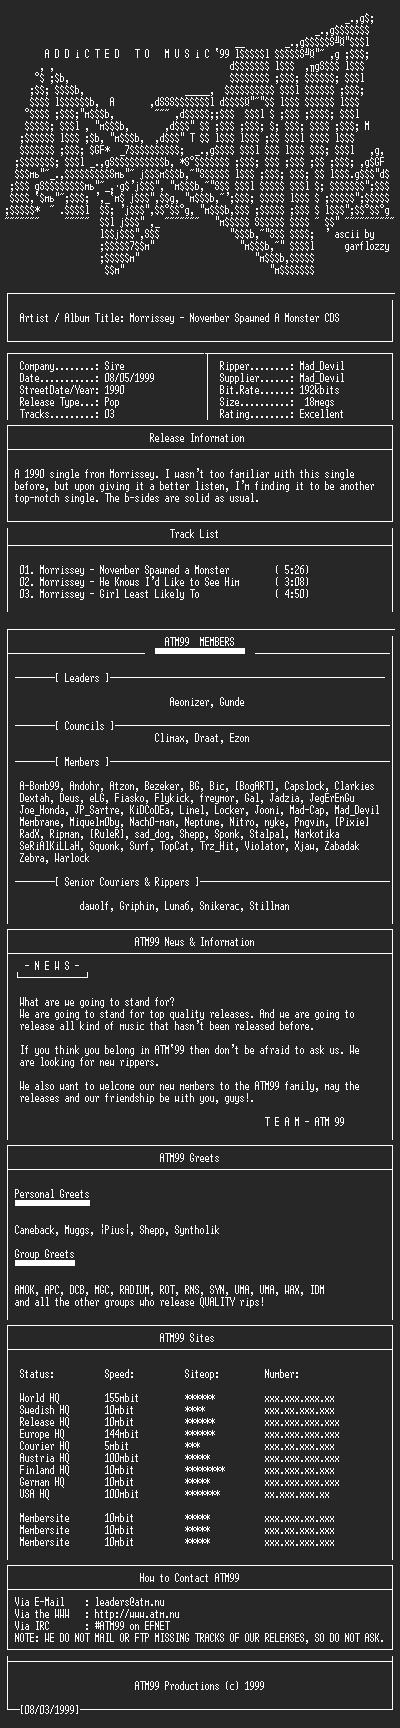 NFO file for Morrissey_-_November_Spawned_A_Monster_EP_-_(1990)-ATM99